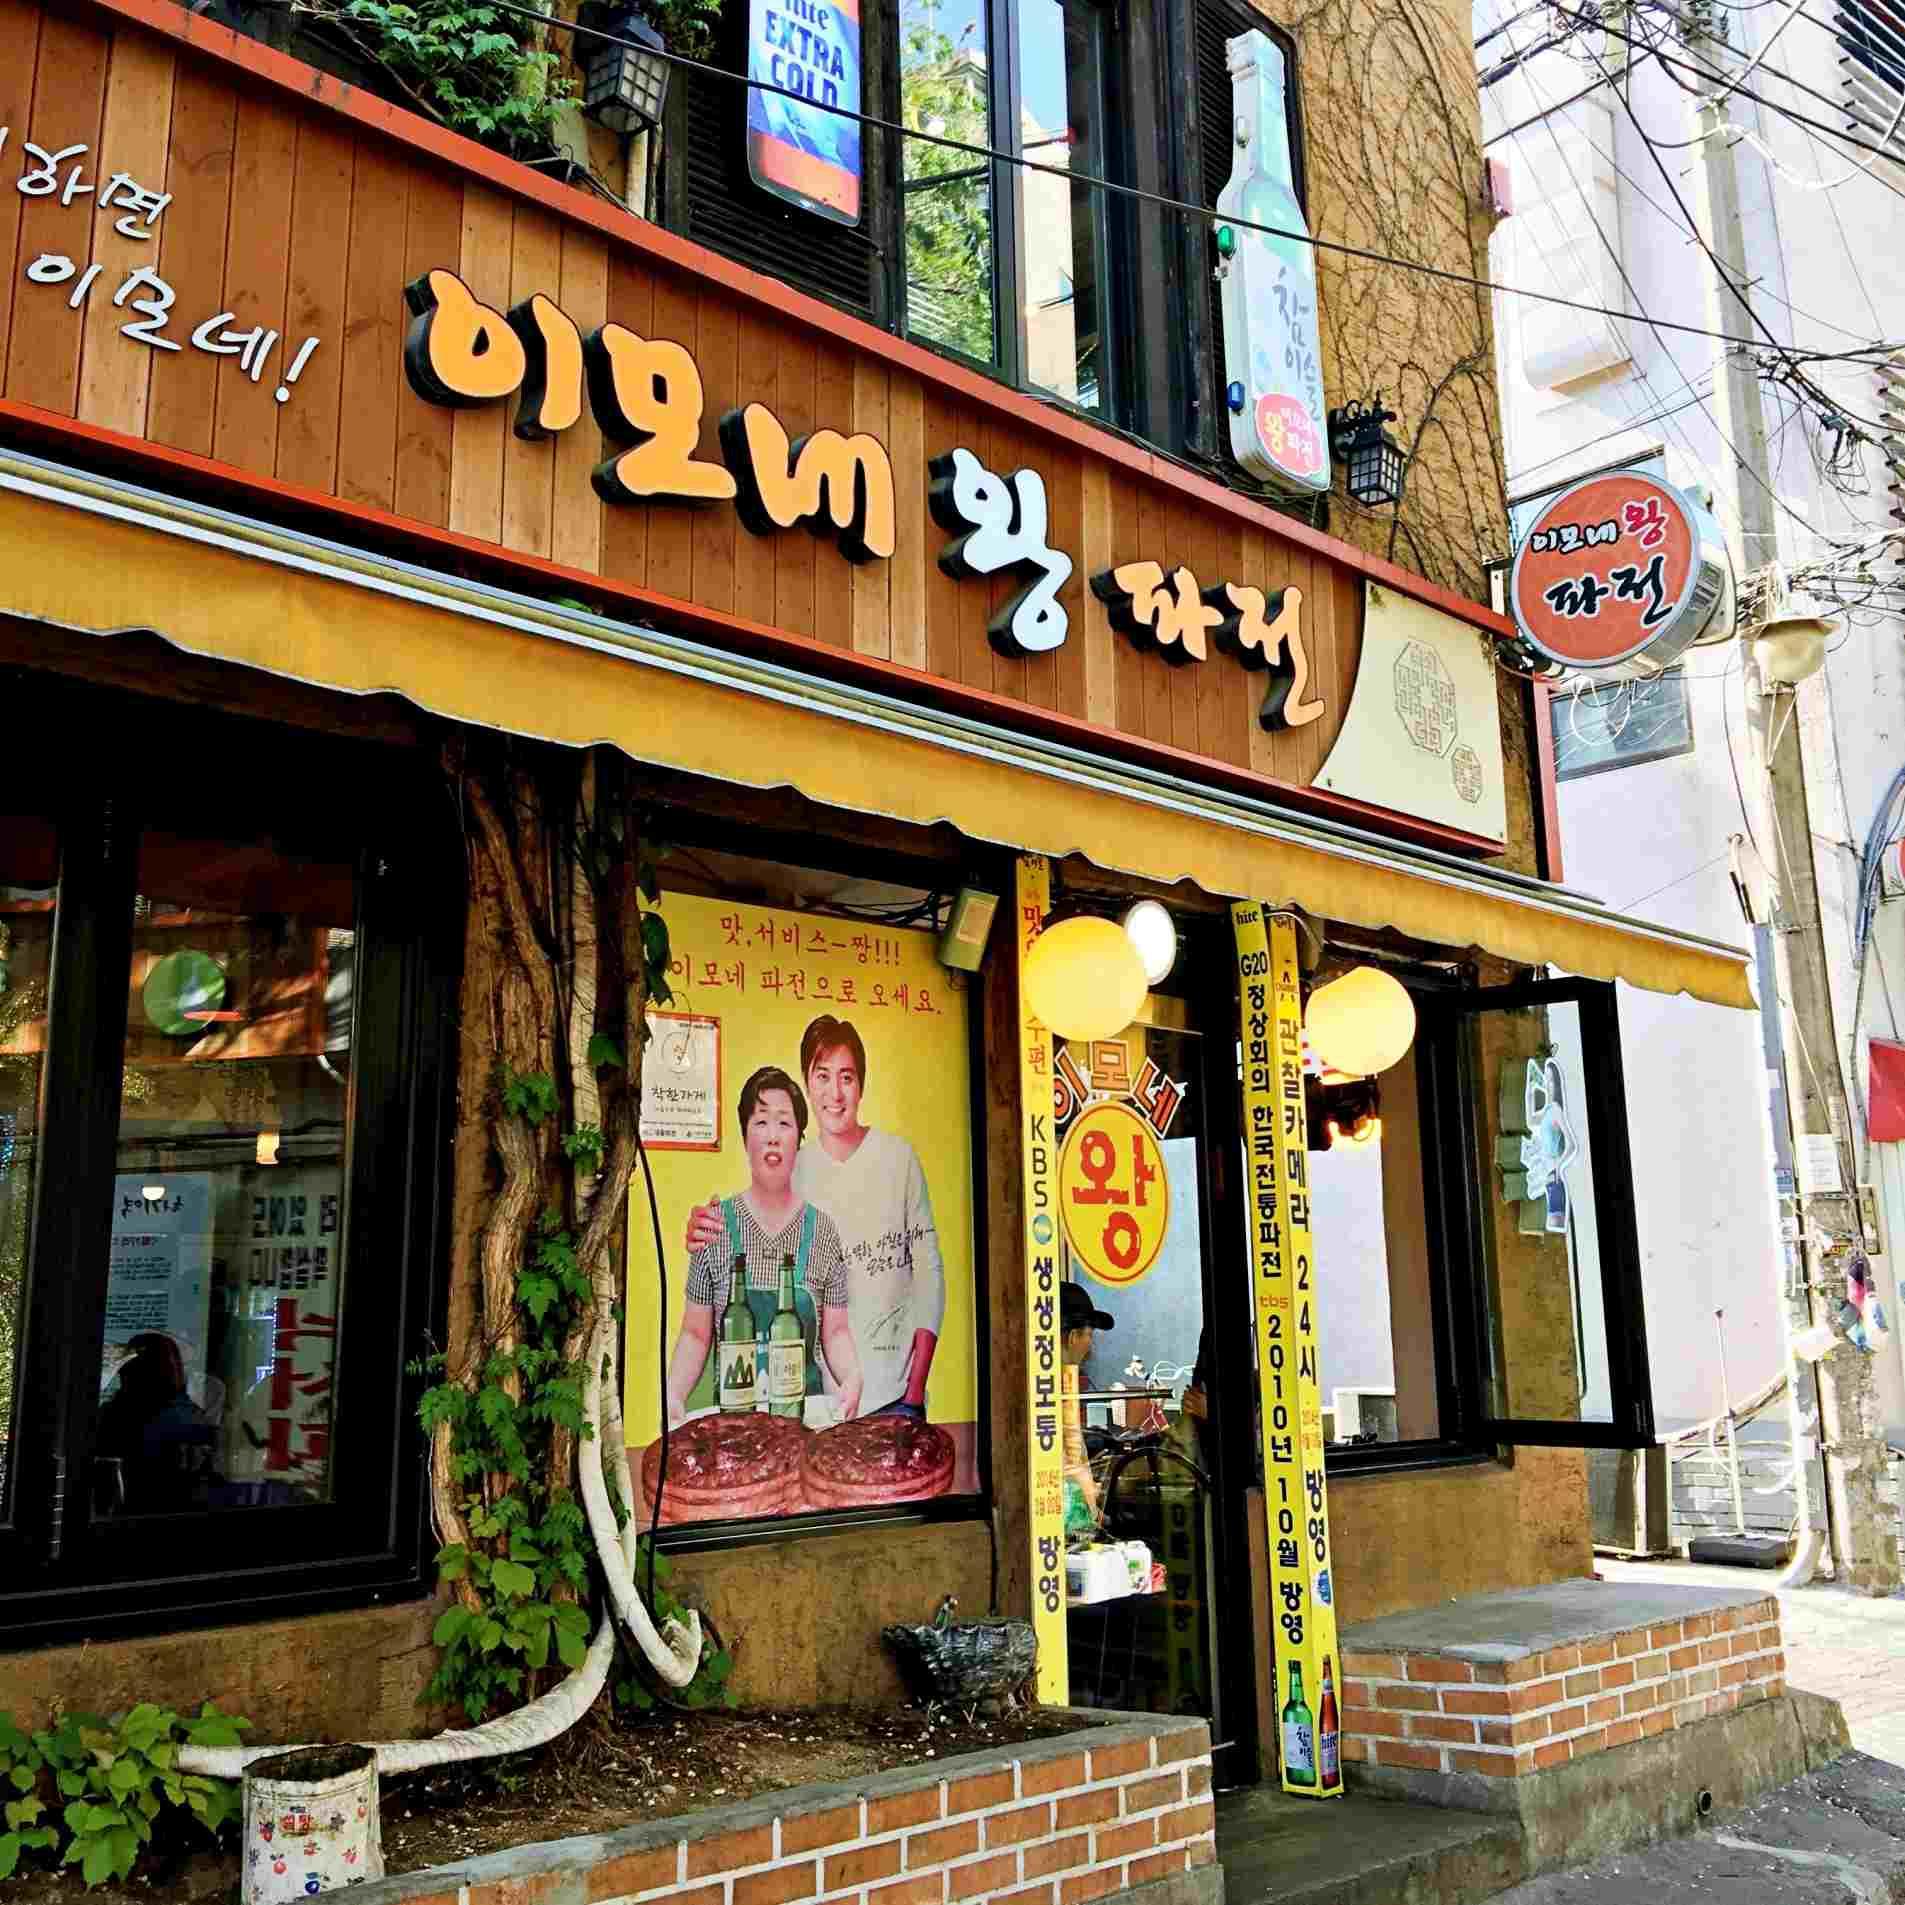 韓國人一說到下雨天滴答滴答時就會想吃煎餅配上馬格利,這家是位在慶熙大學附近,回基站1號出口煎餅一條街裡盛名鼎鼎的「姨母家煎餅 이모네왕파전 」